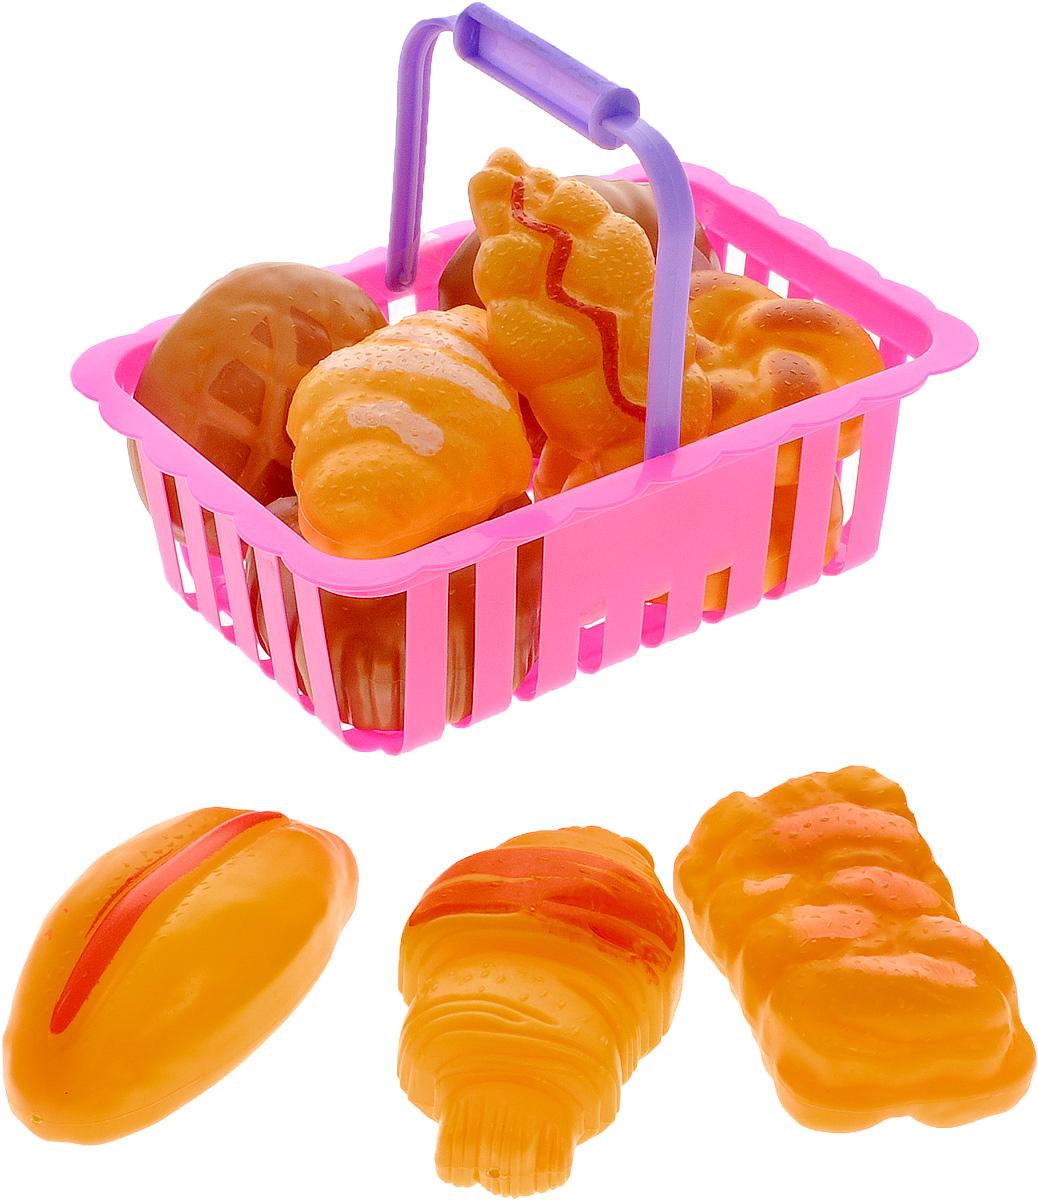 ABtoys Набор продуктов в корзине 12 предметов